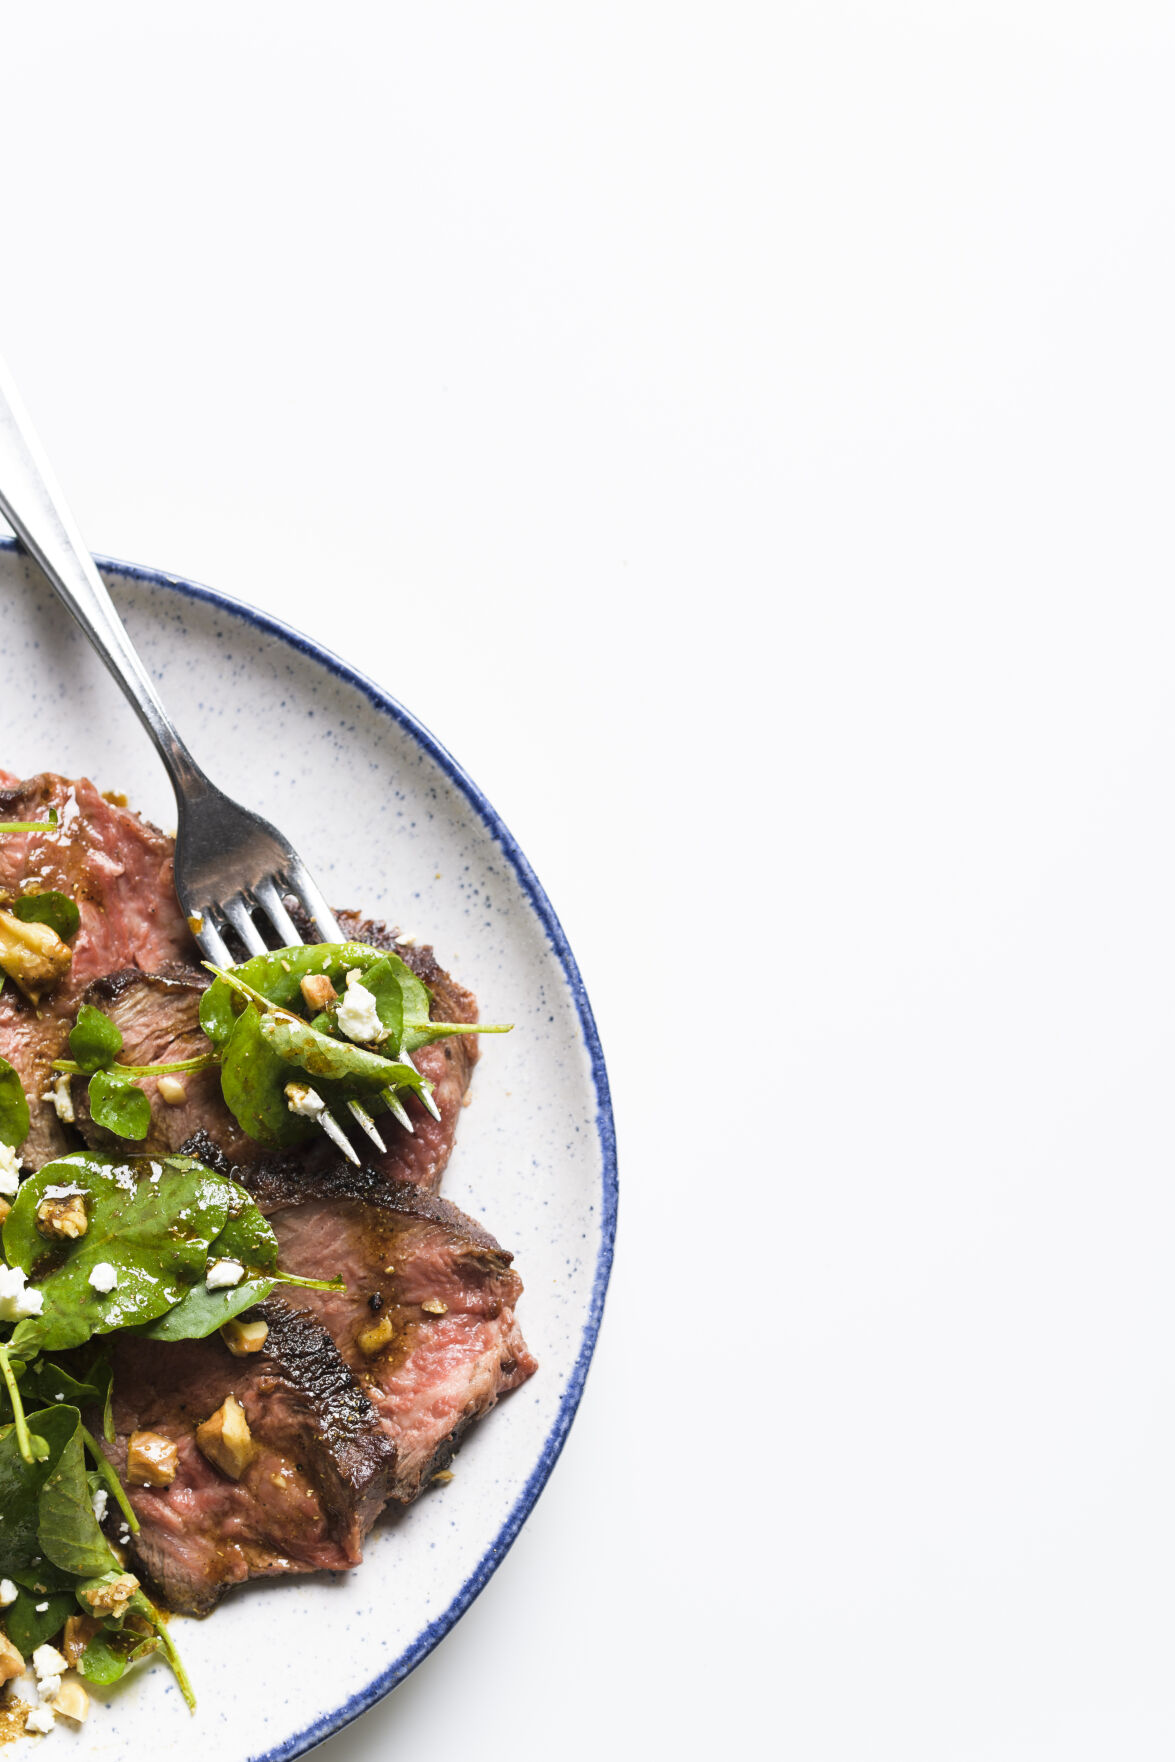 Food-MilkStreet-Steak Salad-with Walnuts